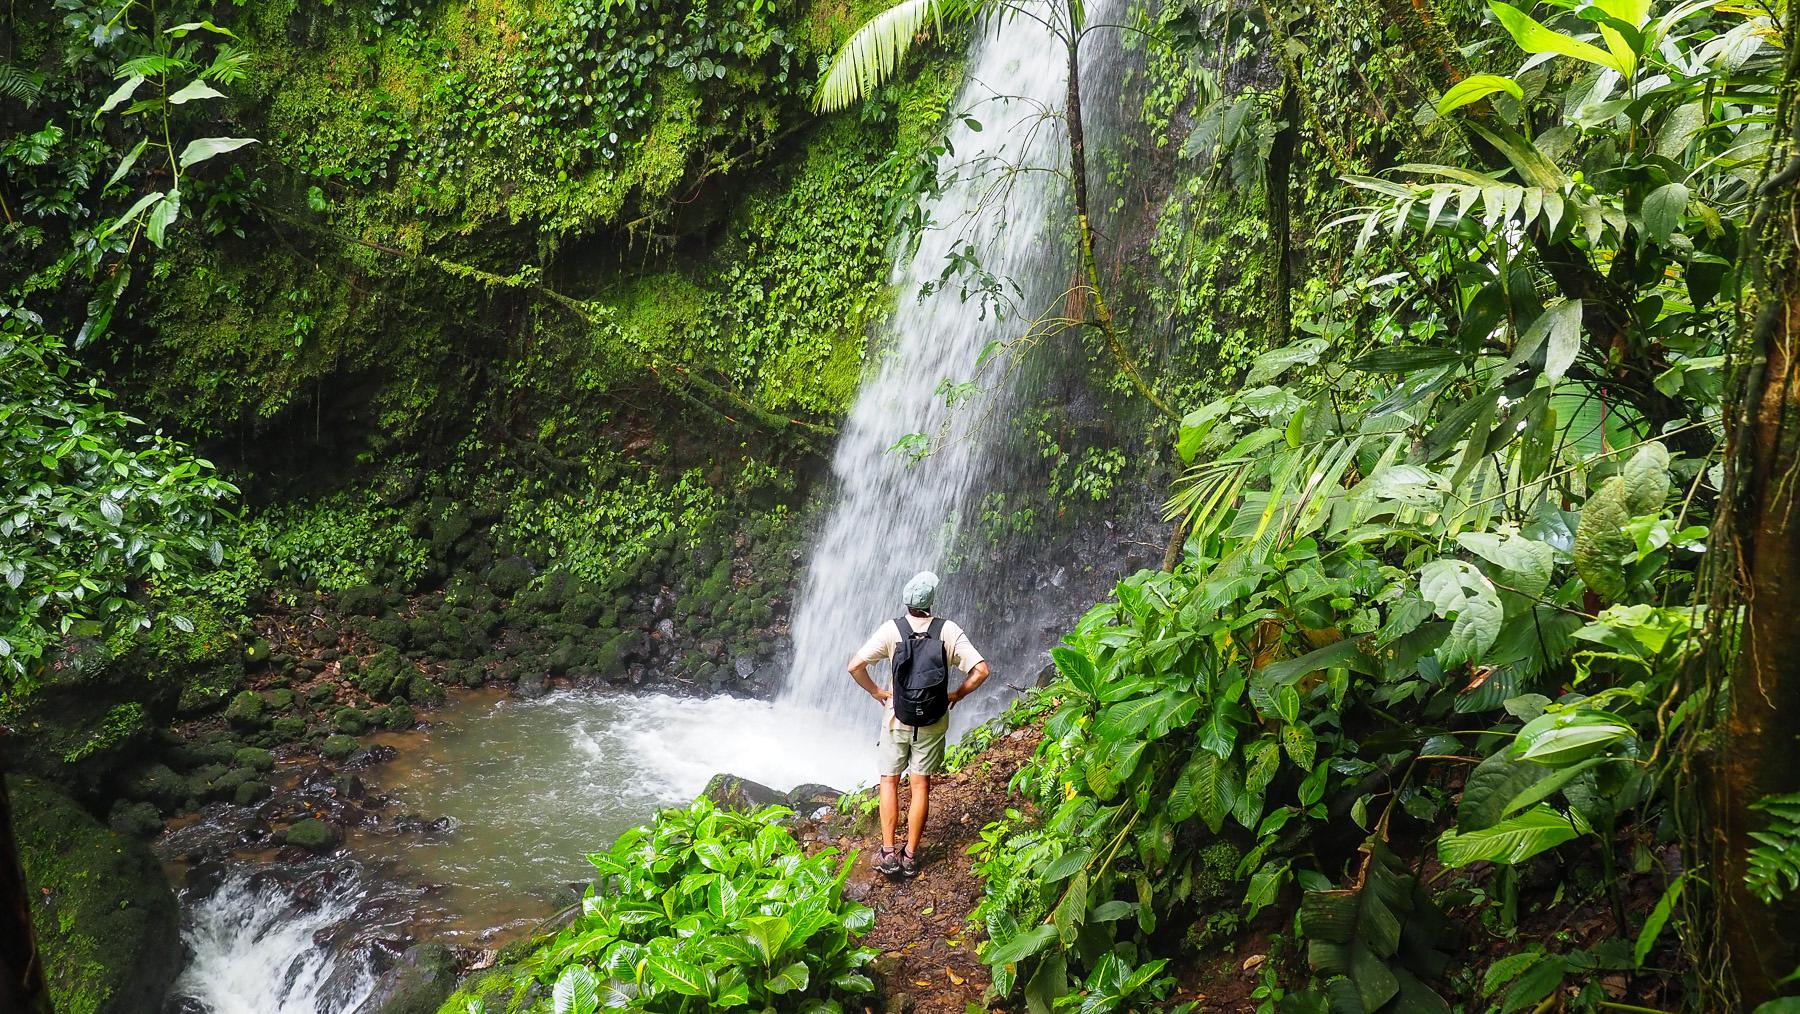 Wanderung zu den acht Wasserfällen in unberührter Natur